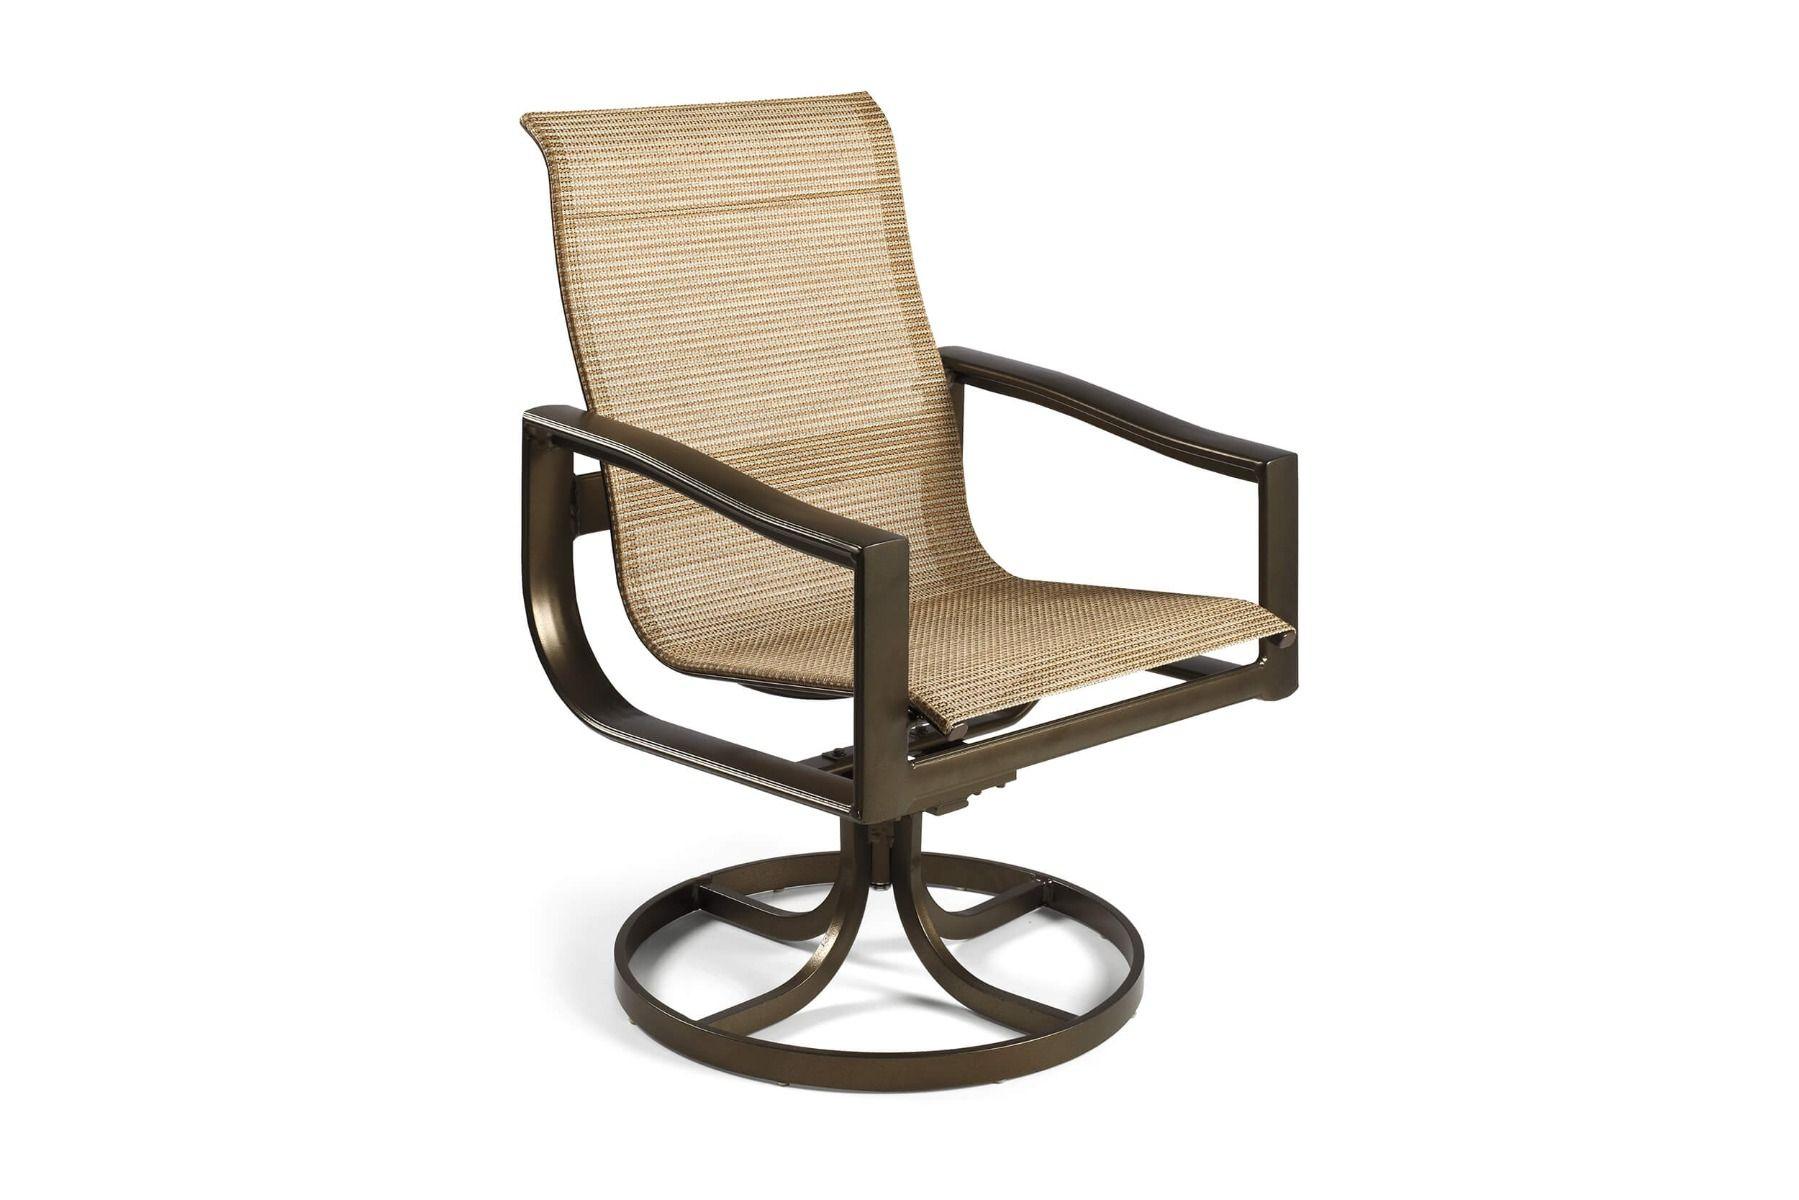 Belvedere Sling High Back Swivel Tilt Chair Pertaining To Sling High Back Swivel Chairs (View 8 of 25)